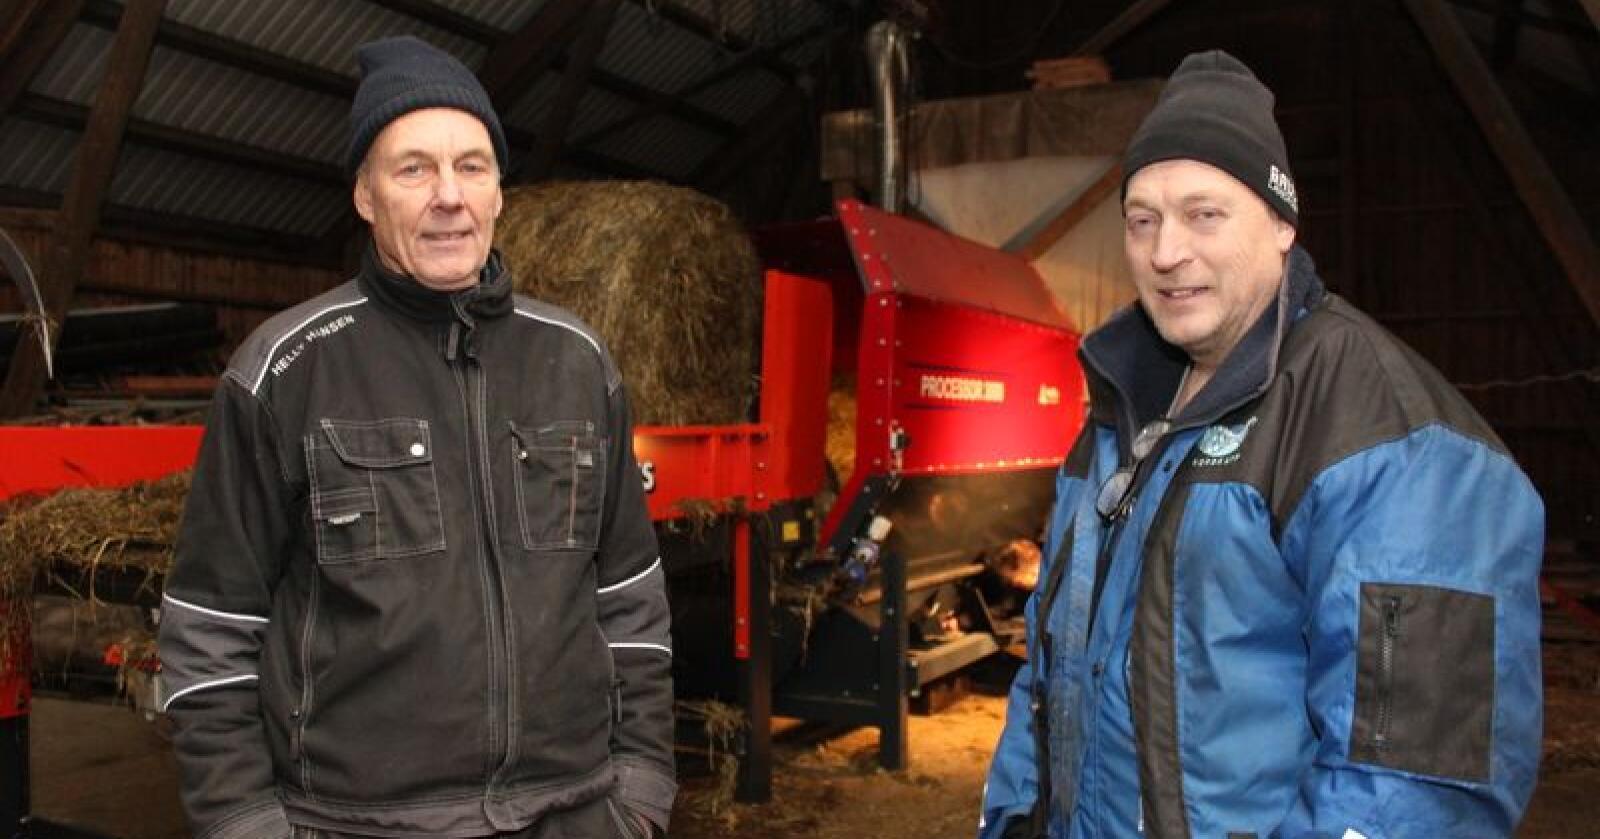 Hans Kråbøl (t.v.) og Rune Heggen opplever stor interesse for den stasjonære fôrblanderen de har utviklet. Foto: Dag Idar Jøsang